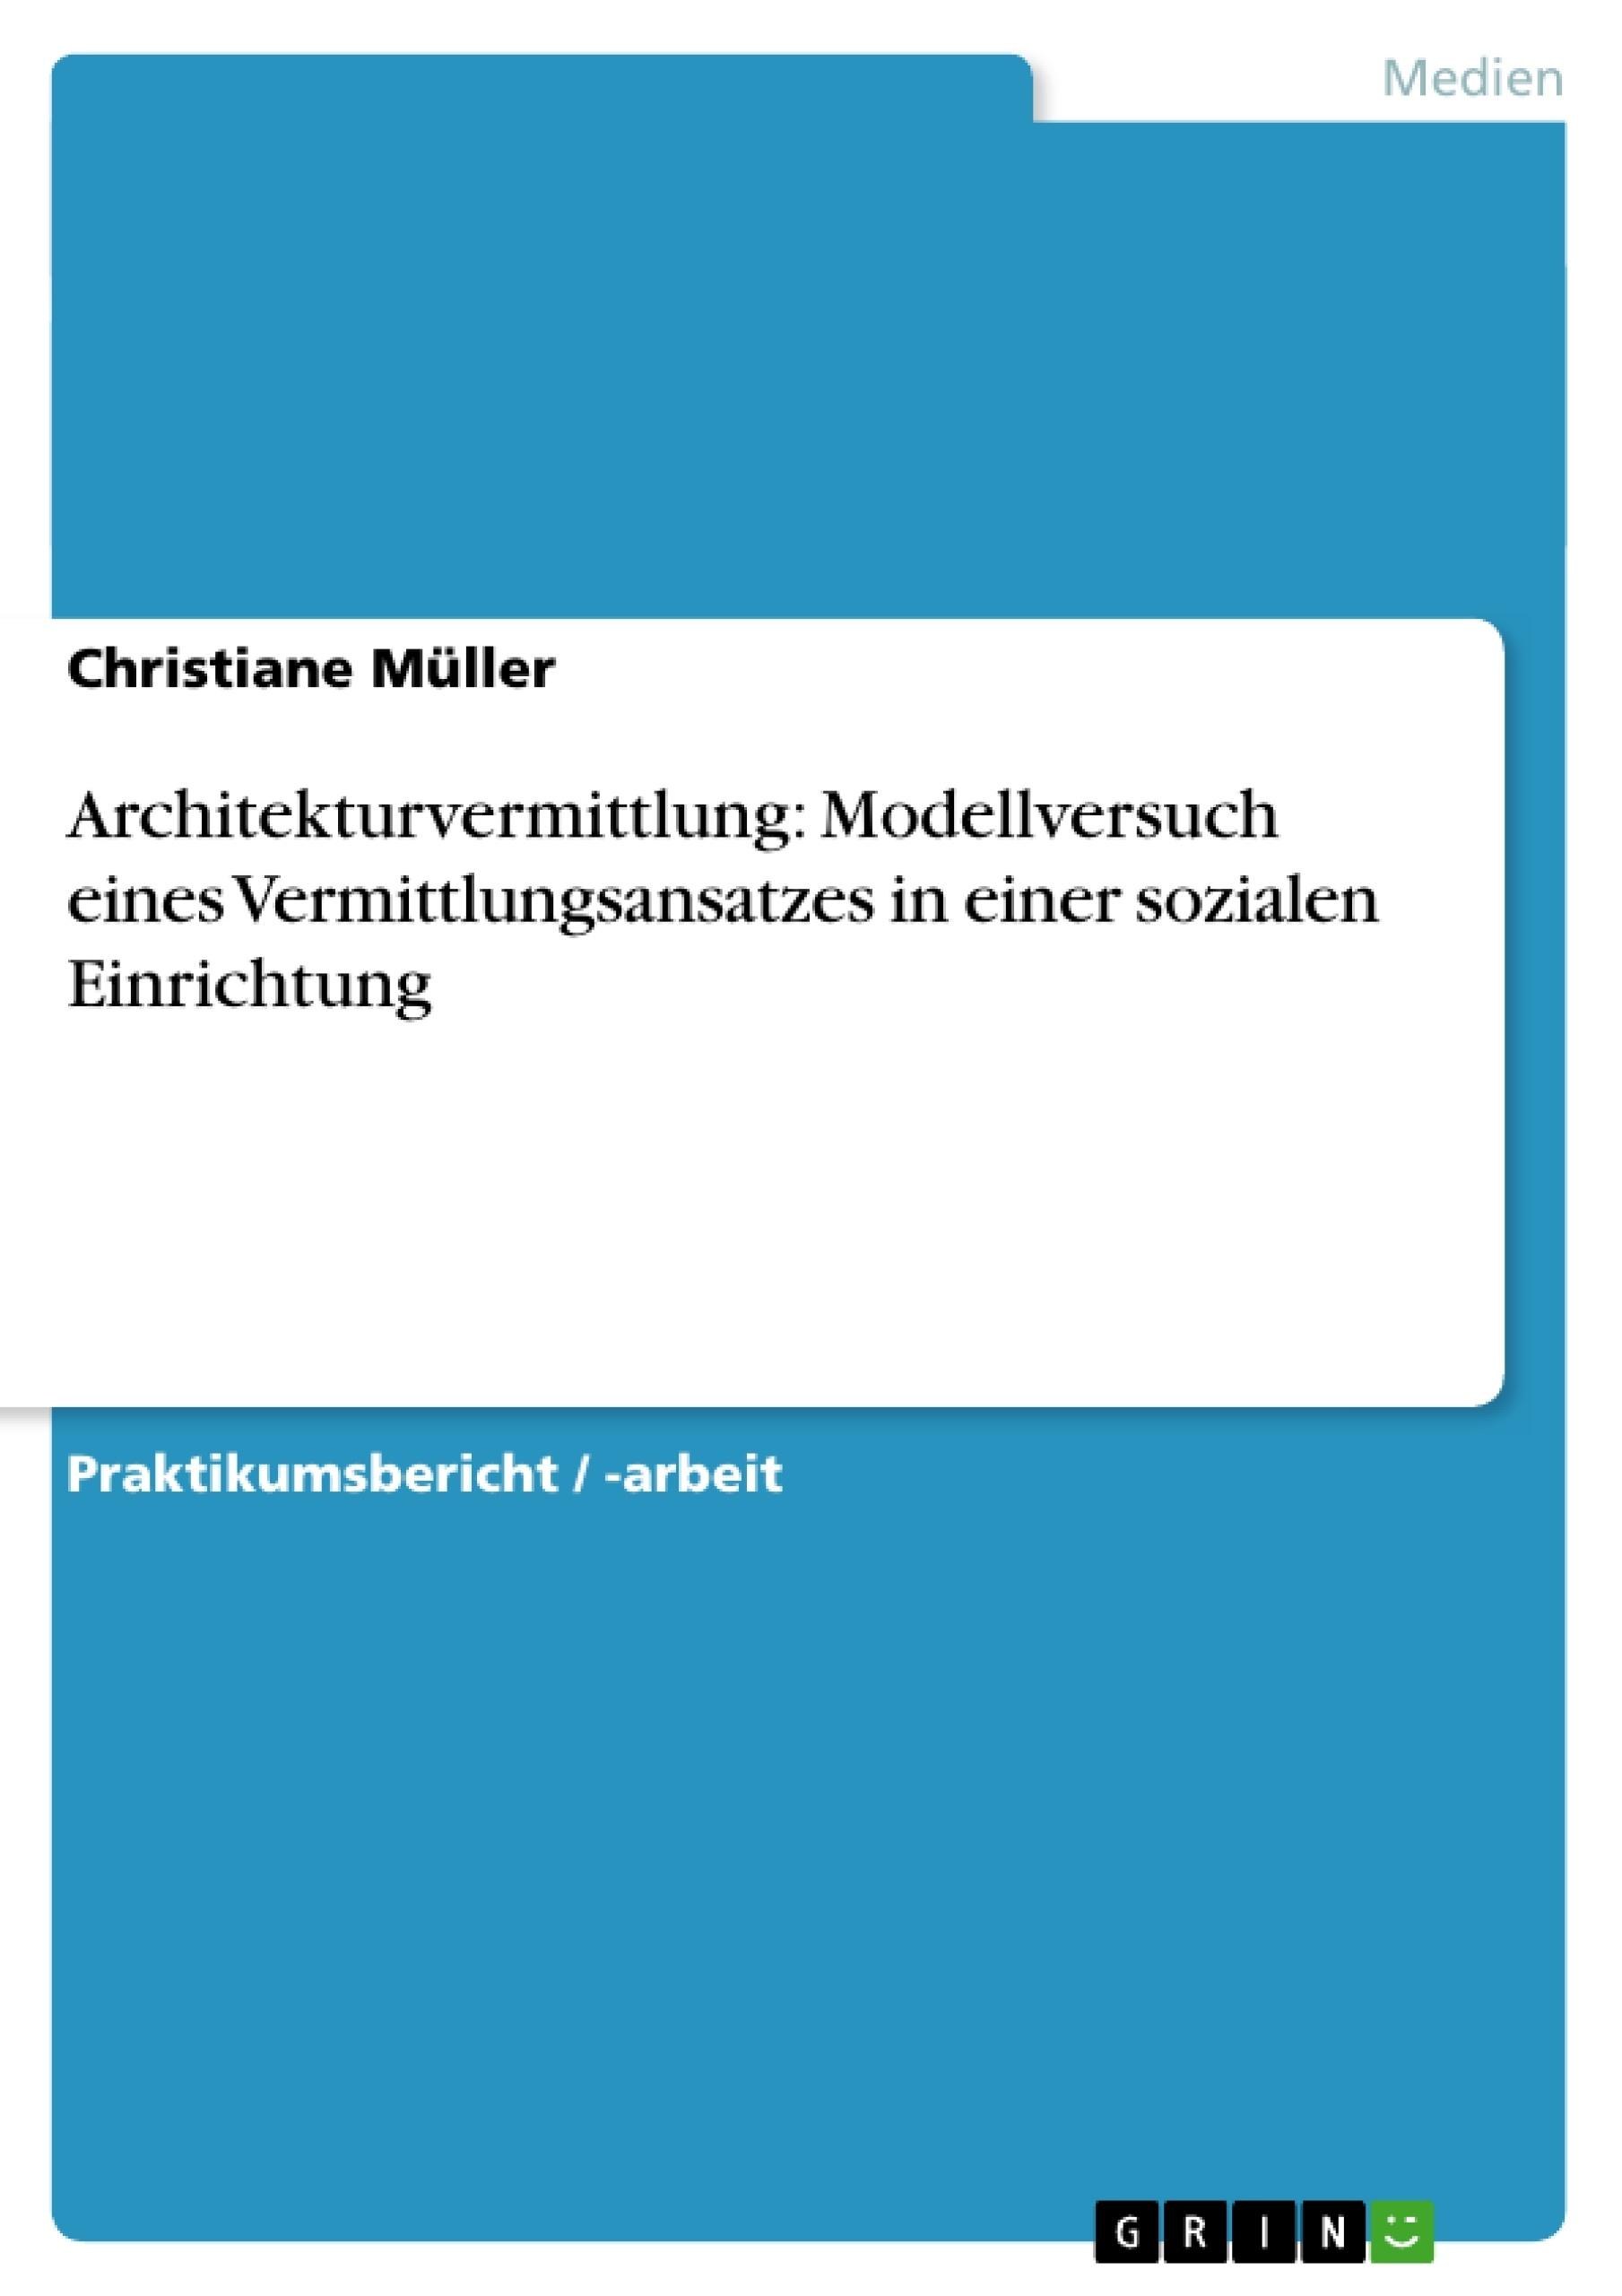 Titel: Architekturvermittlung: Modellversuch eines Vermittlungsansatzes in einer sozialen Einrichtung